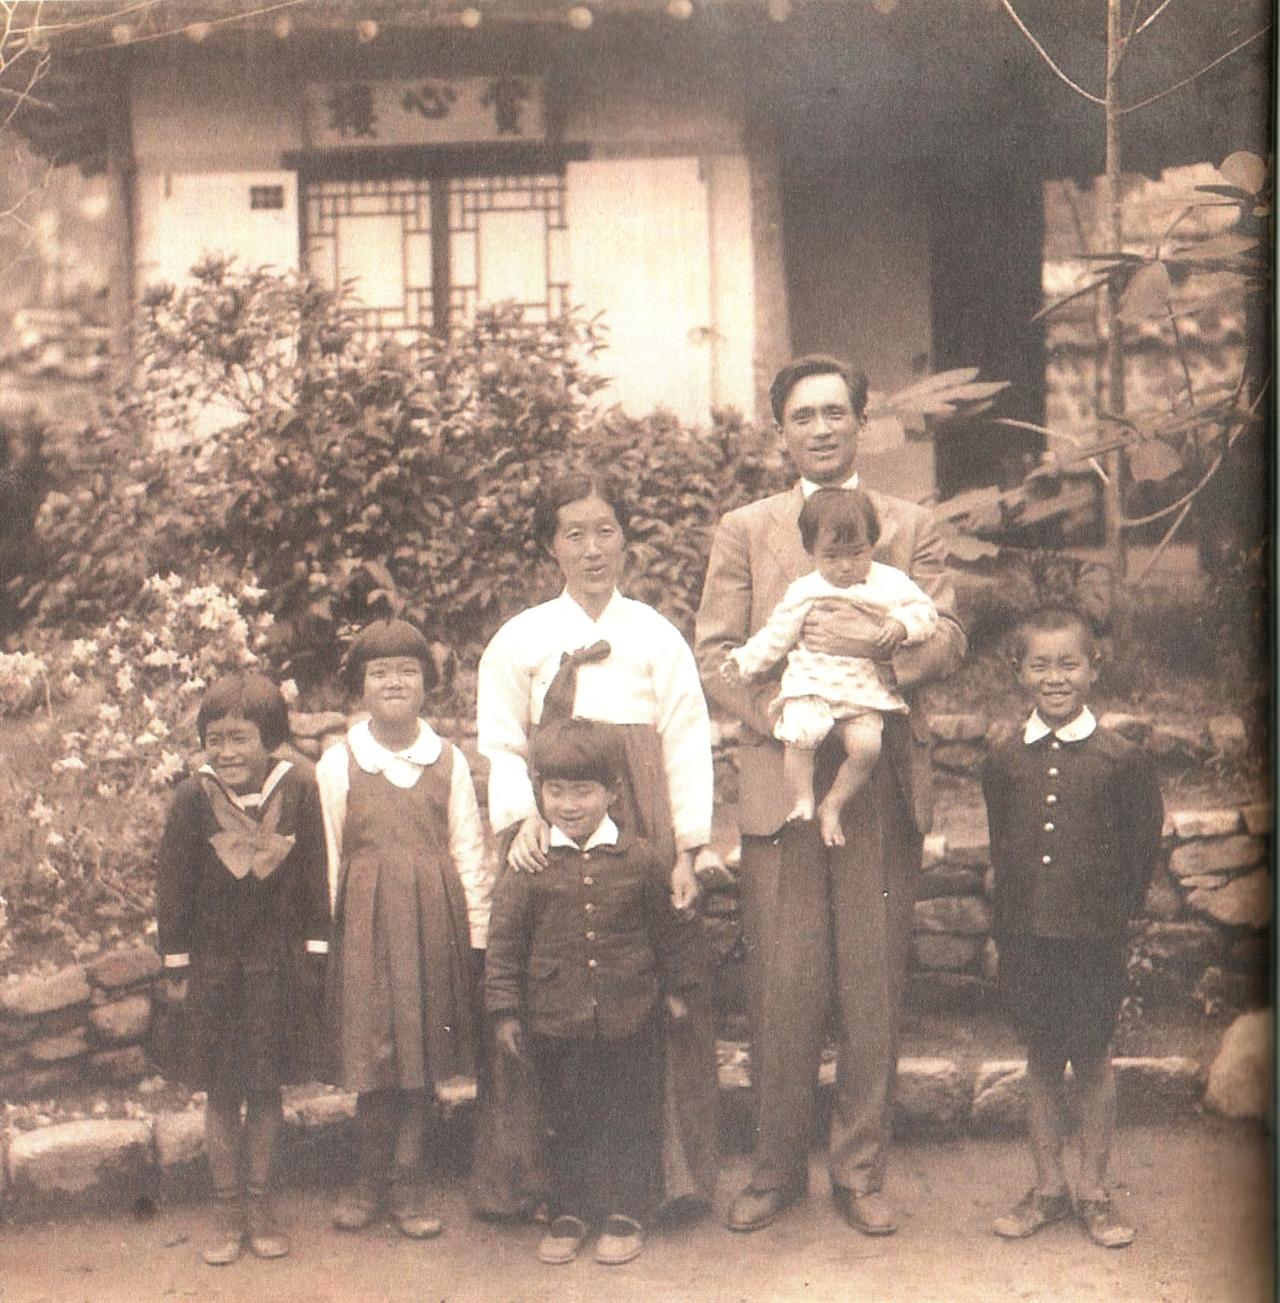 이태준의 가족 사진 수연산방에서 부인과 다섯명의 아이들과 함께 살았던 시절